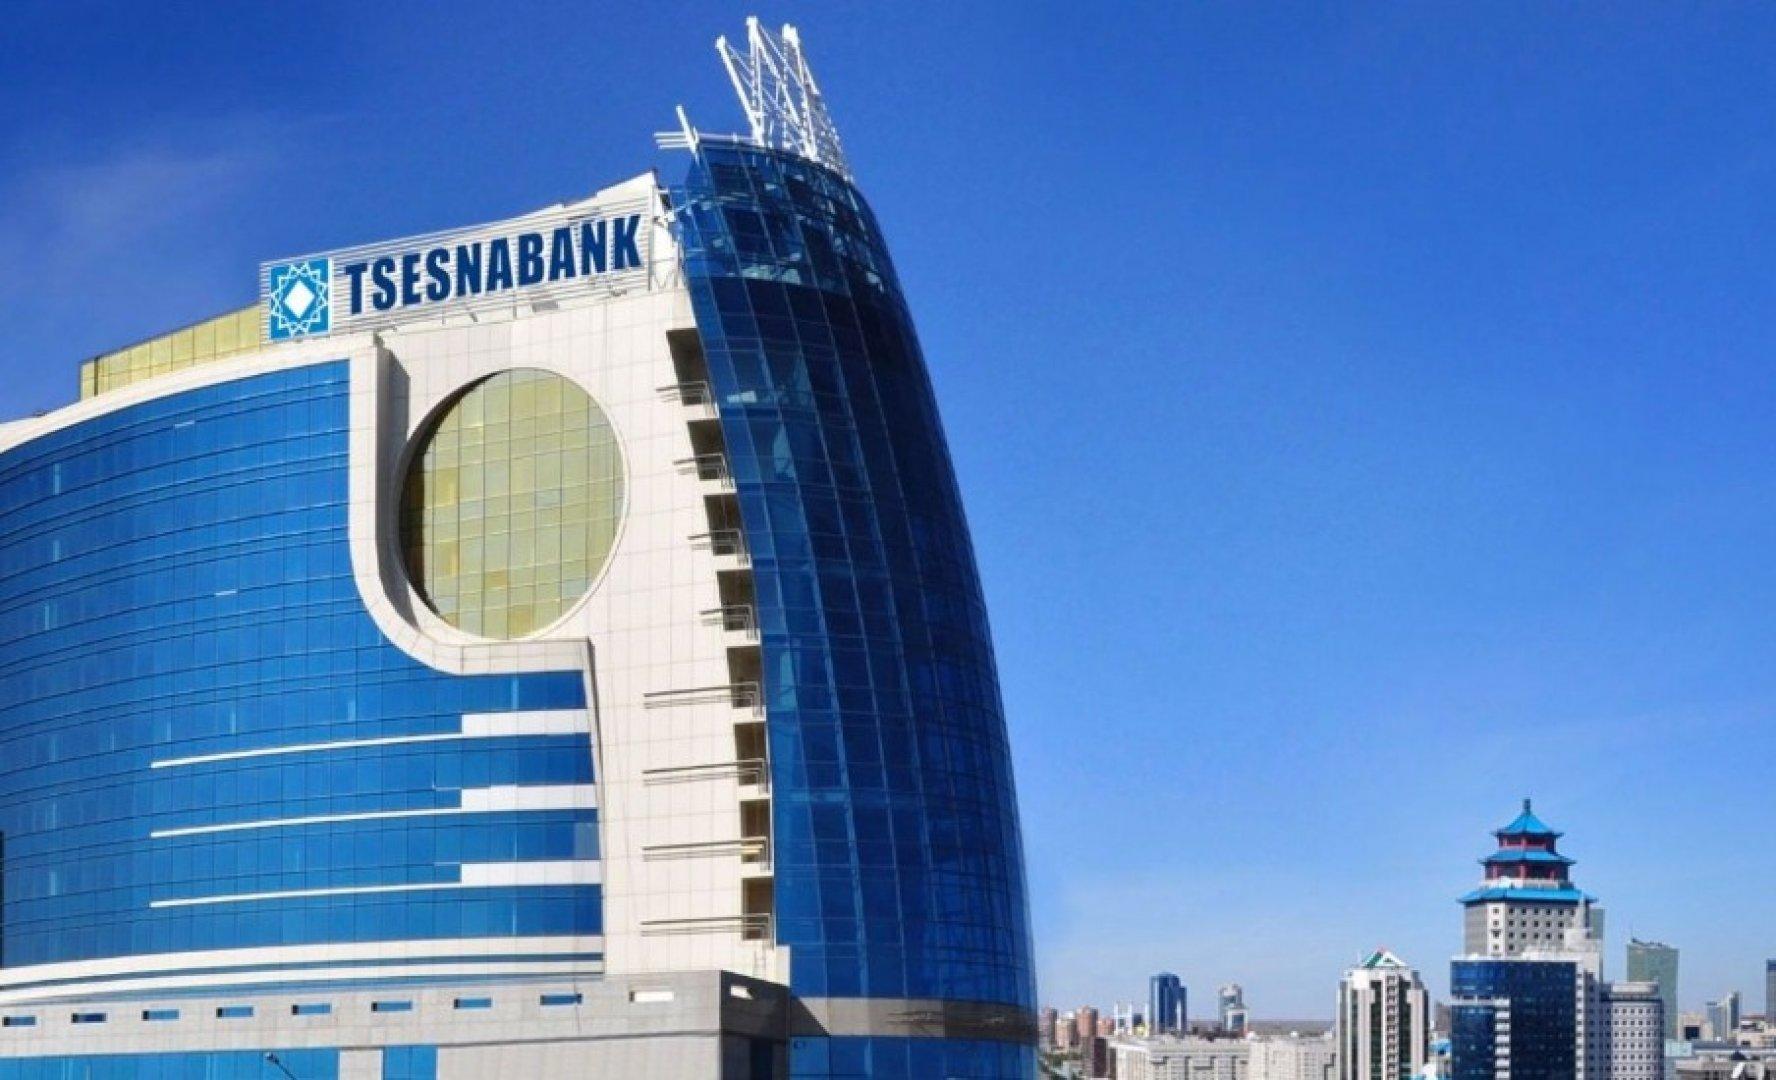 """""""Цеснабанк"""" снимет временные ограничения на выдачу наличных в ближайшие дни , Цеснабанк, Банк, деньги"""